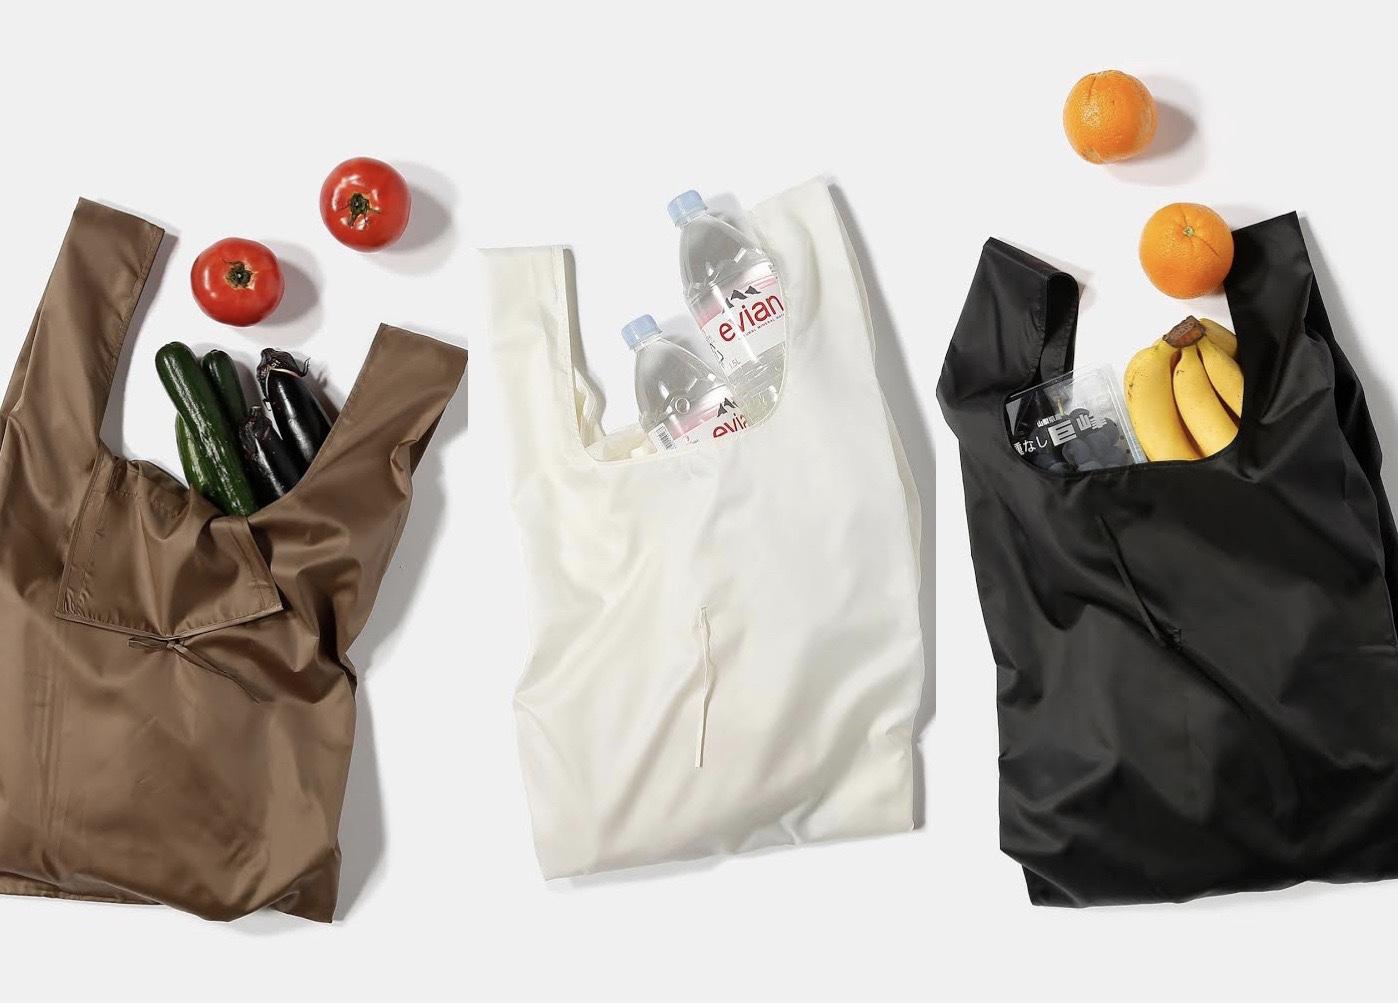 使用済みペットボトルから生まれたエコバッグ「REUSABLE BAG」がおしゃれ! 機能面も大充実なんです♬_1